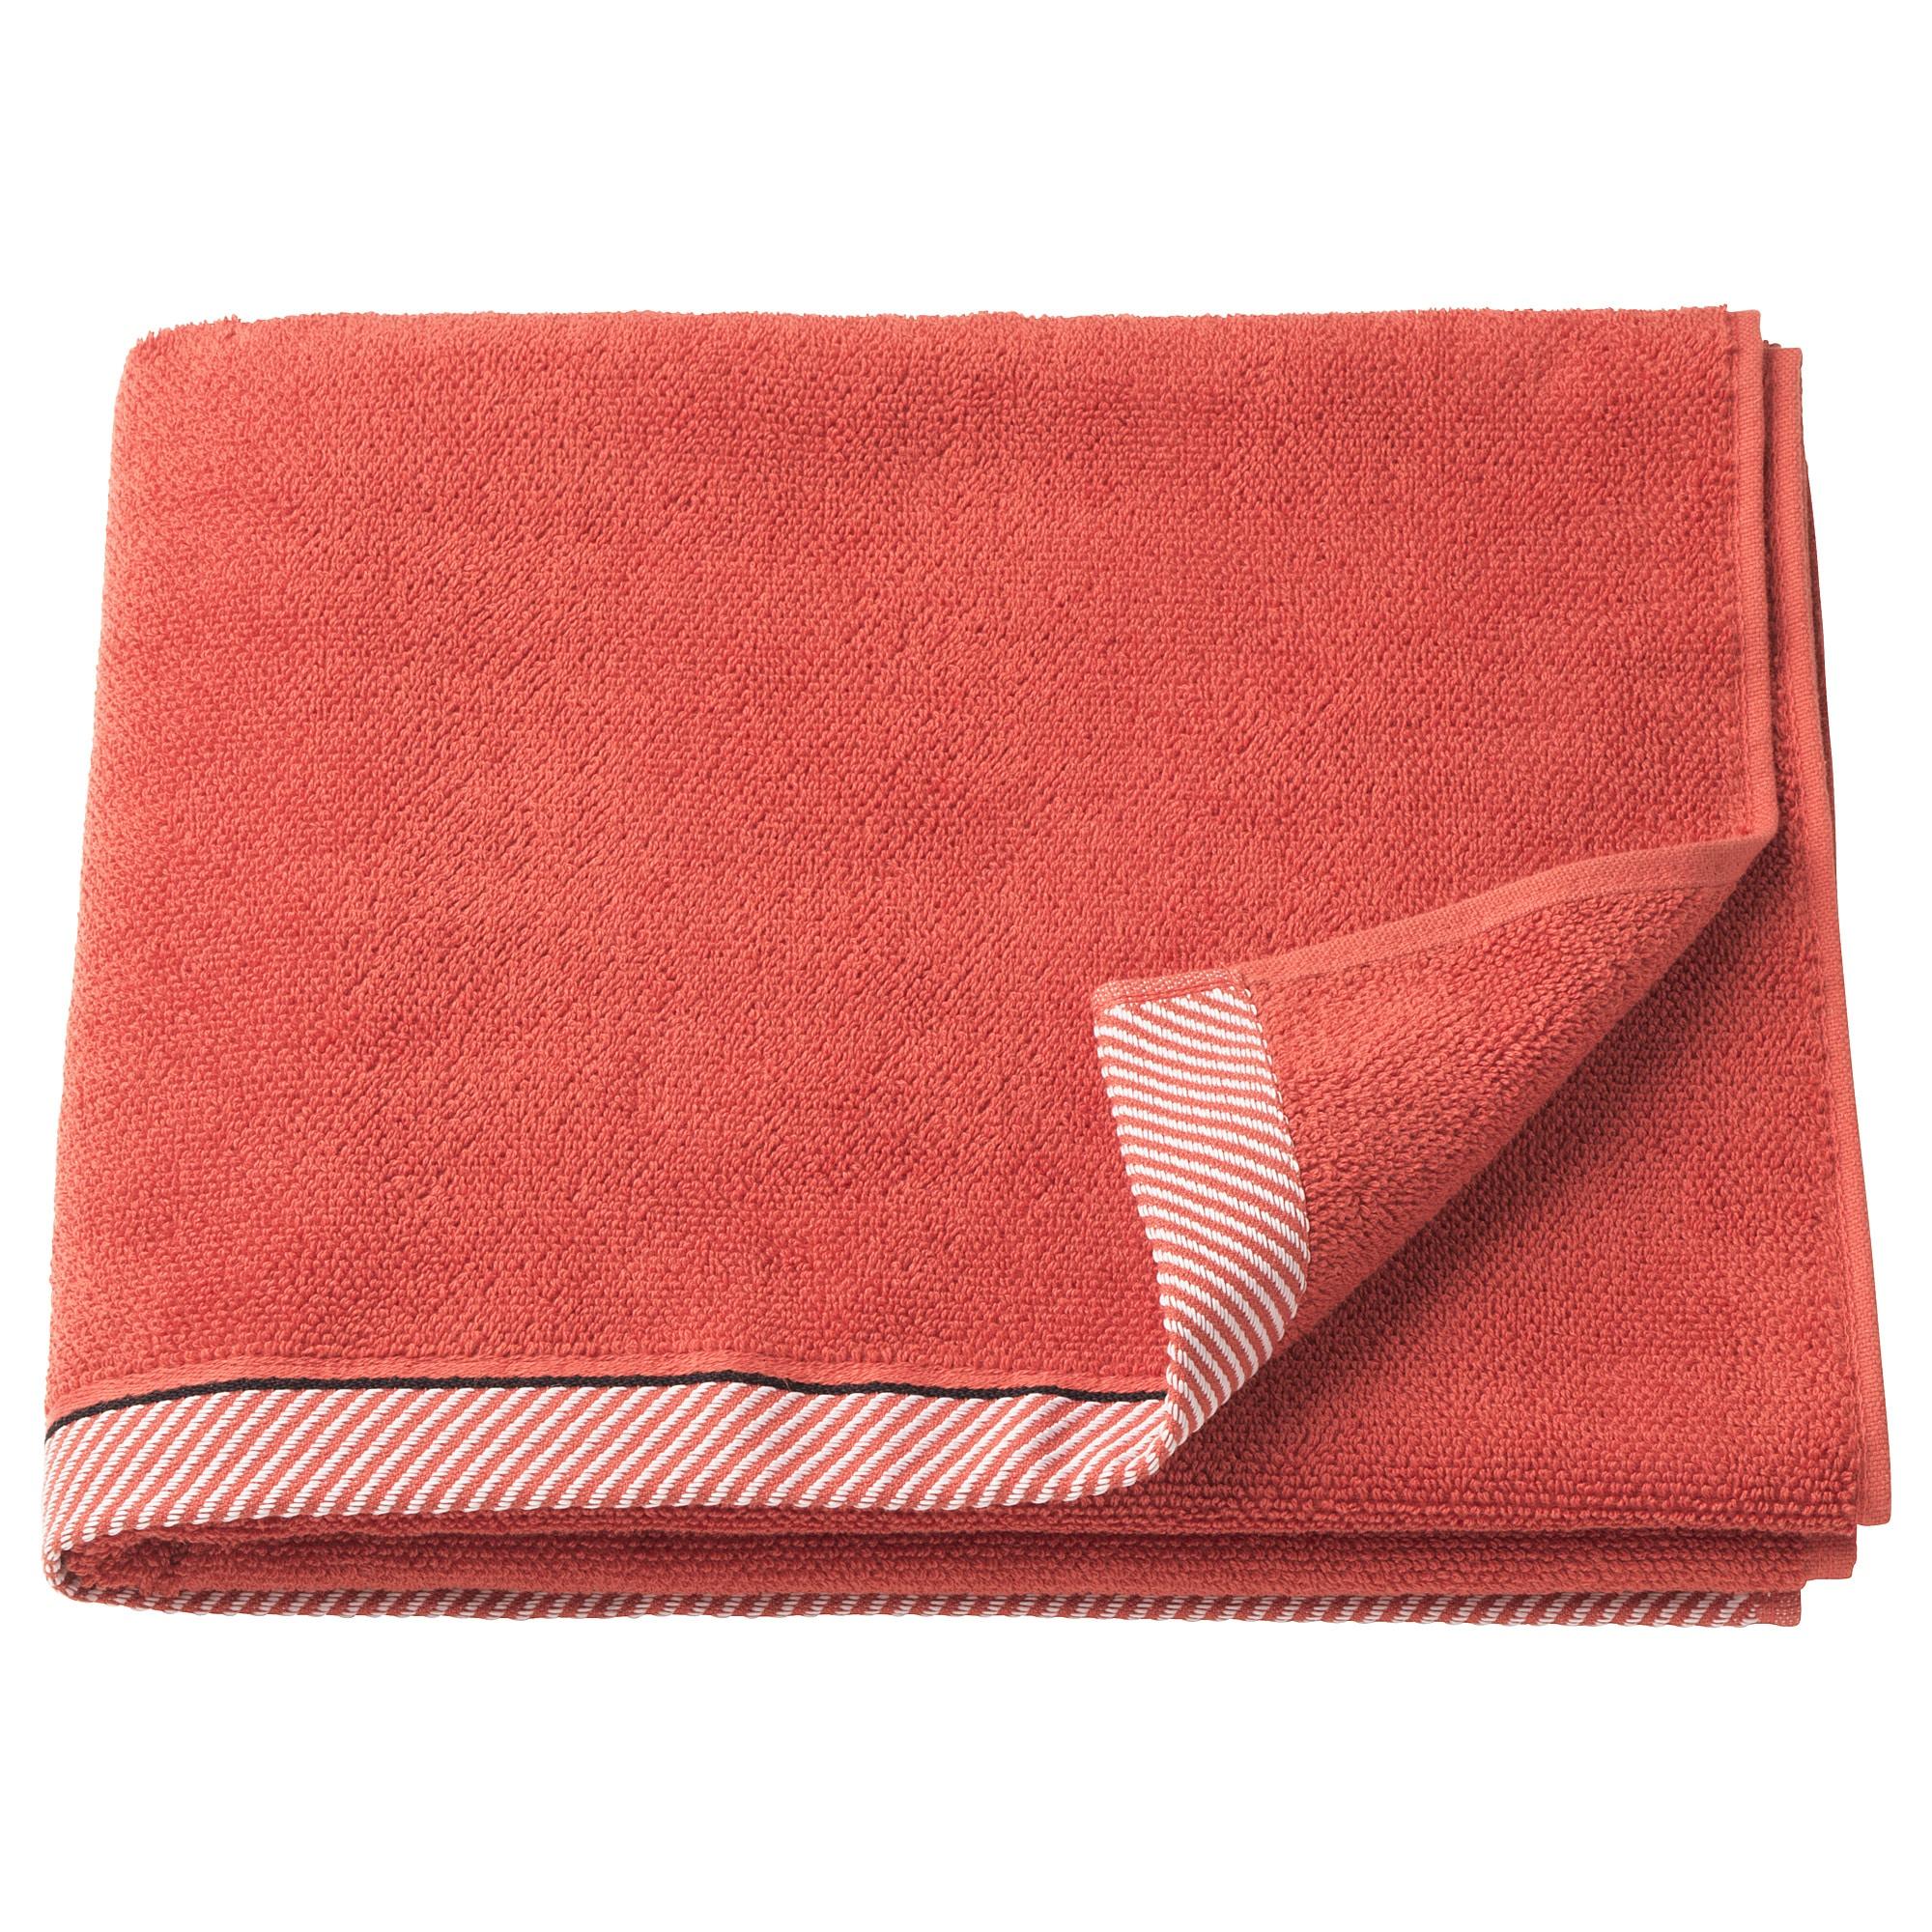 Vikfjard Bath Towel Red 28x55 70x140 Cm Bath Towels Towel